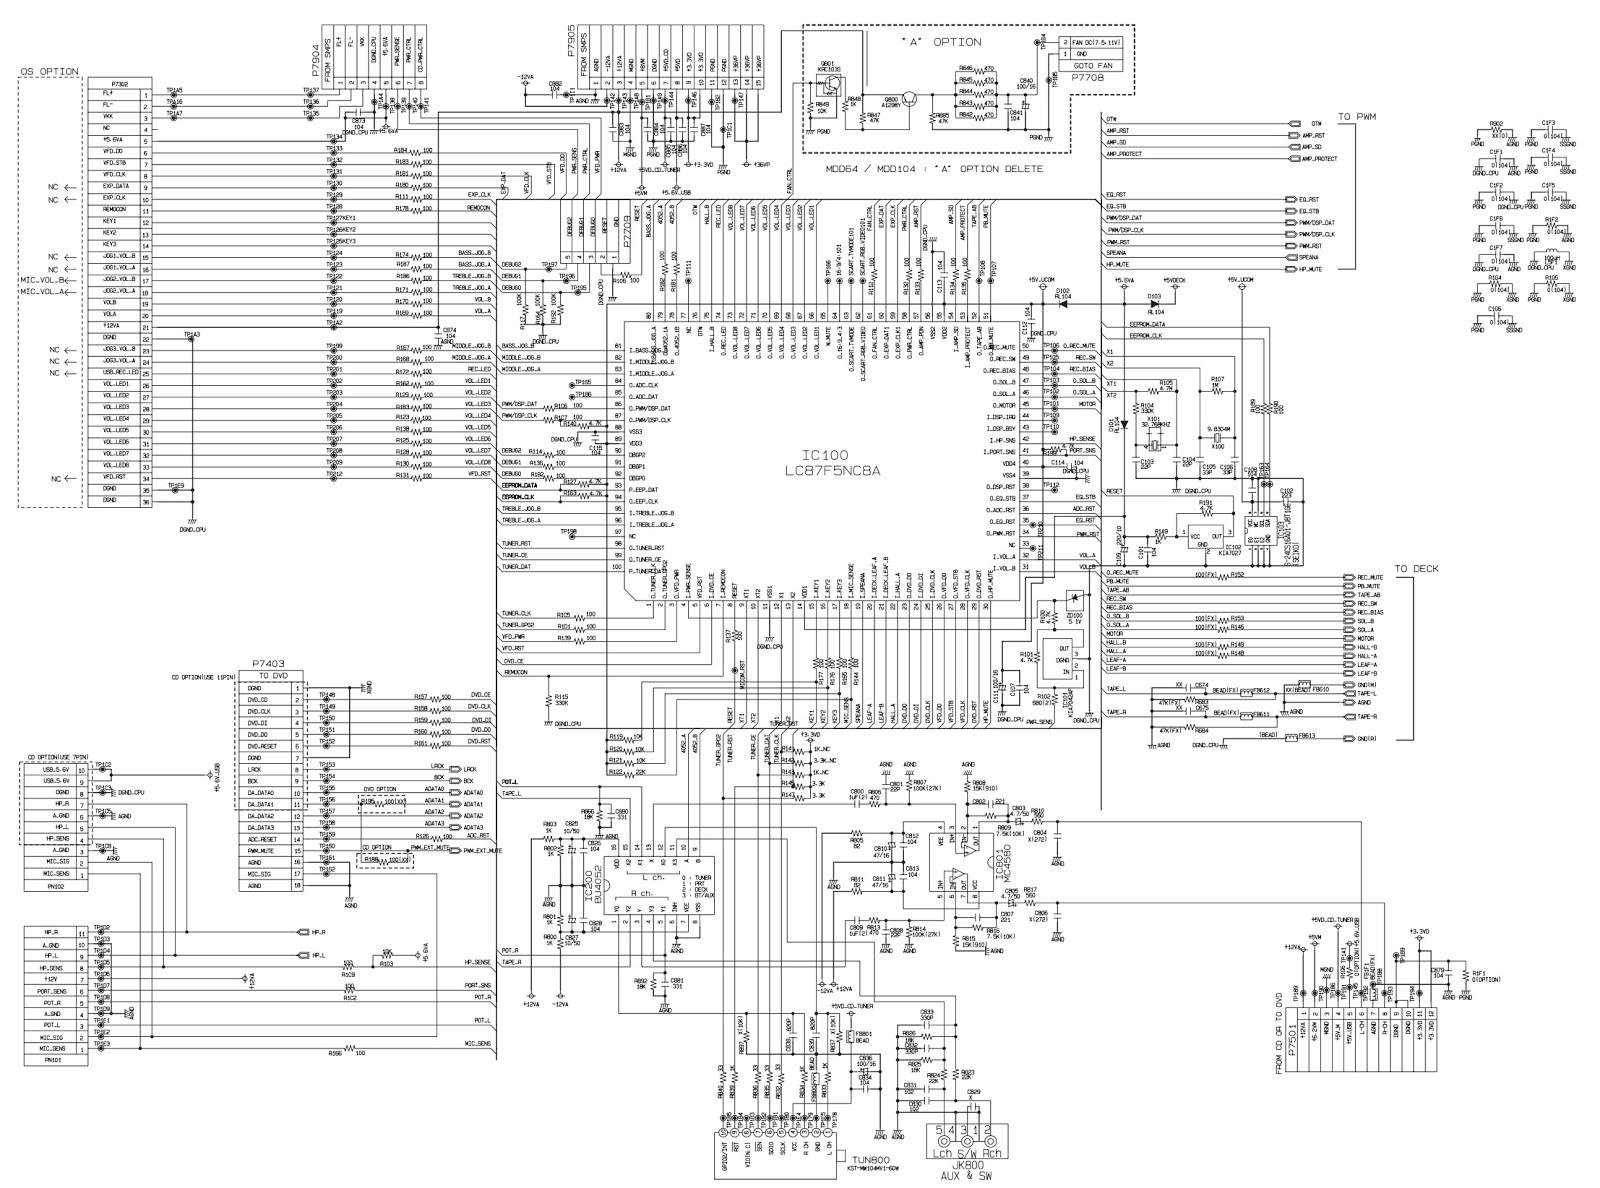 LG MCT354 - LG MCS354F/W - Mini-Component system